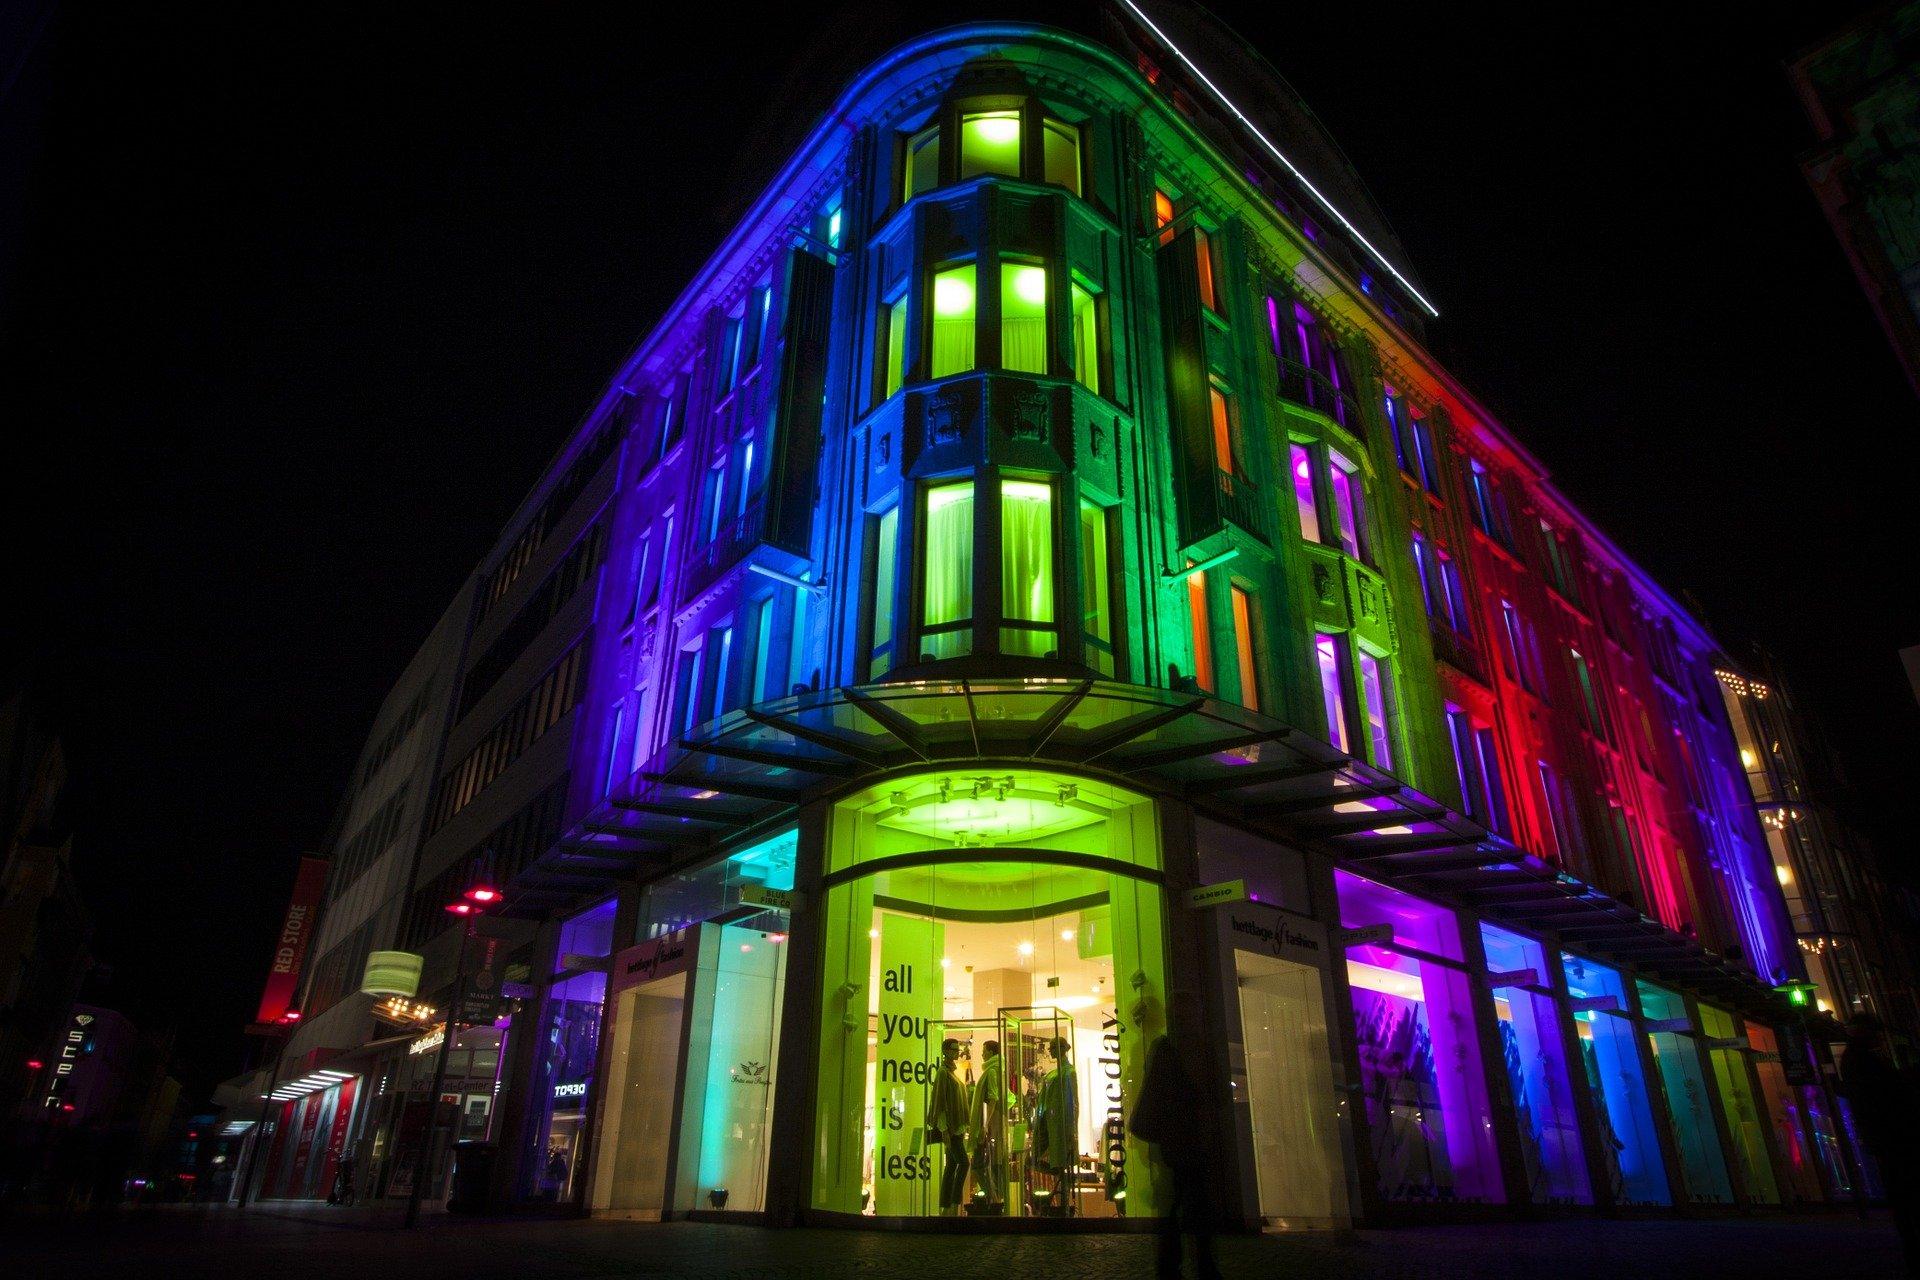 bunt beleuchtetes Gebäude in Recklinghausen bei Nacht